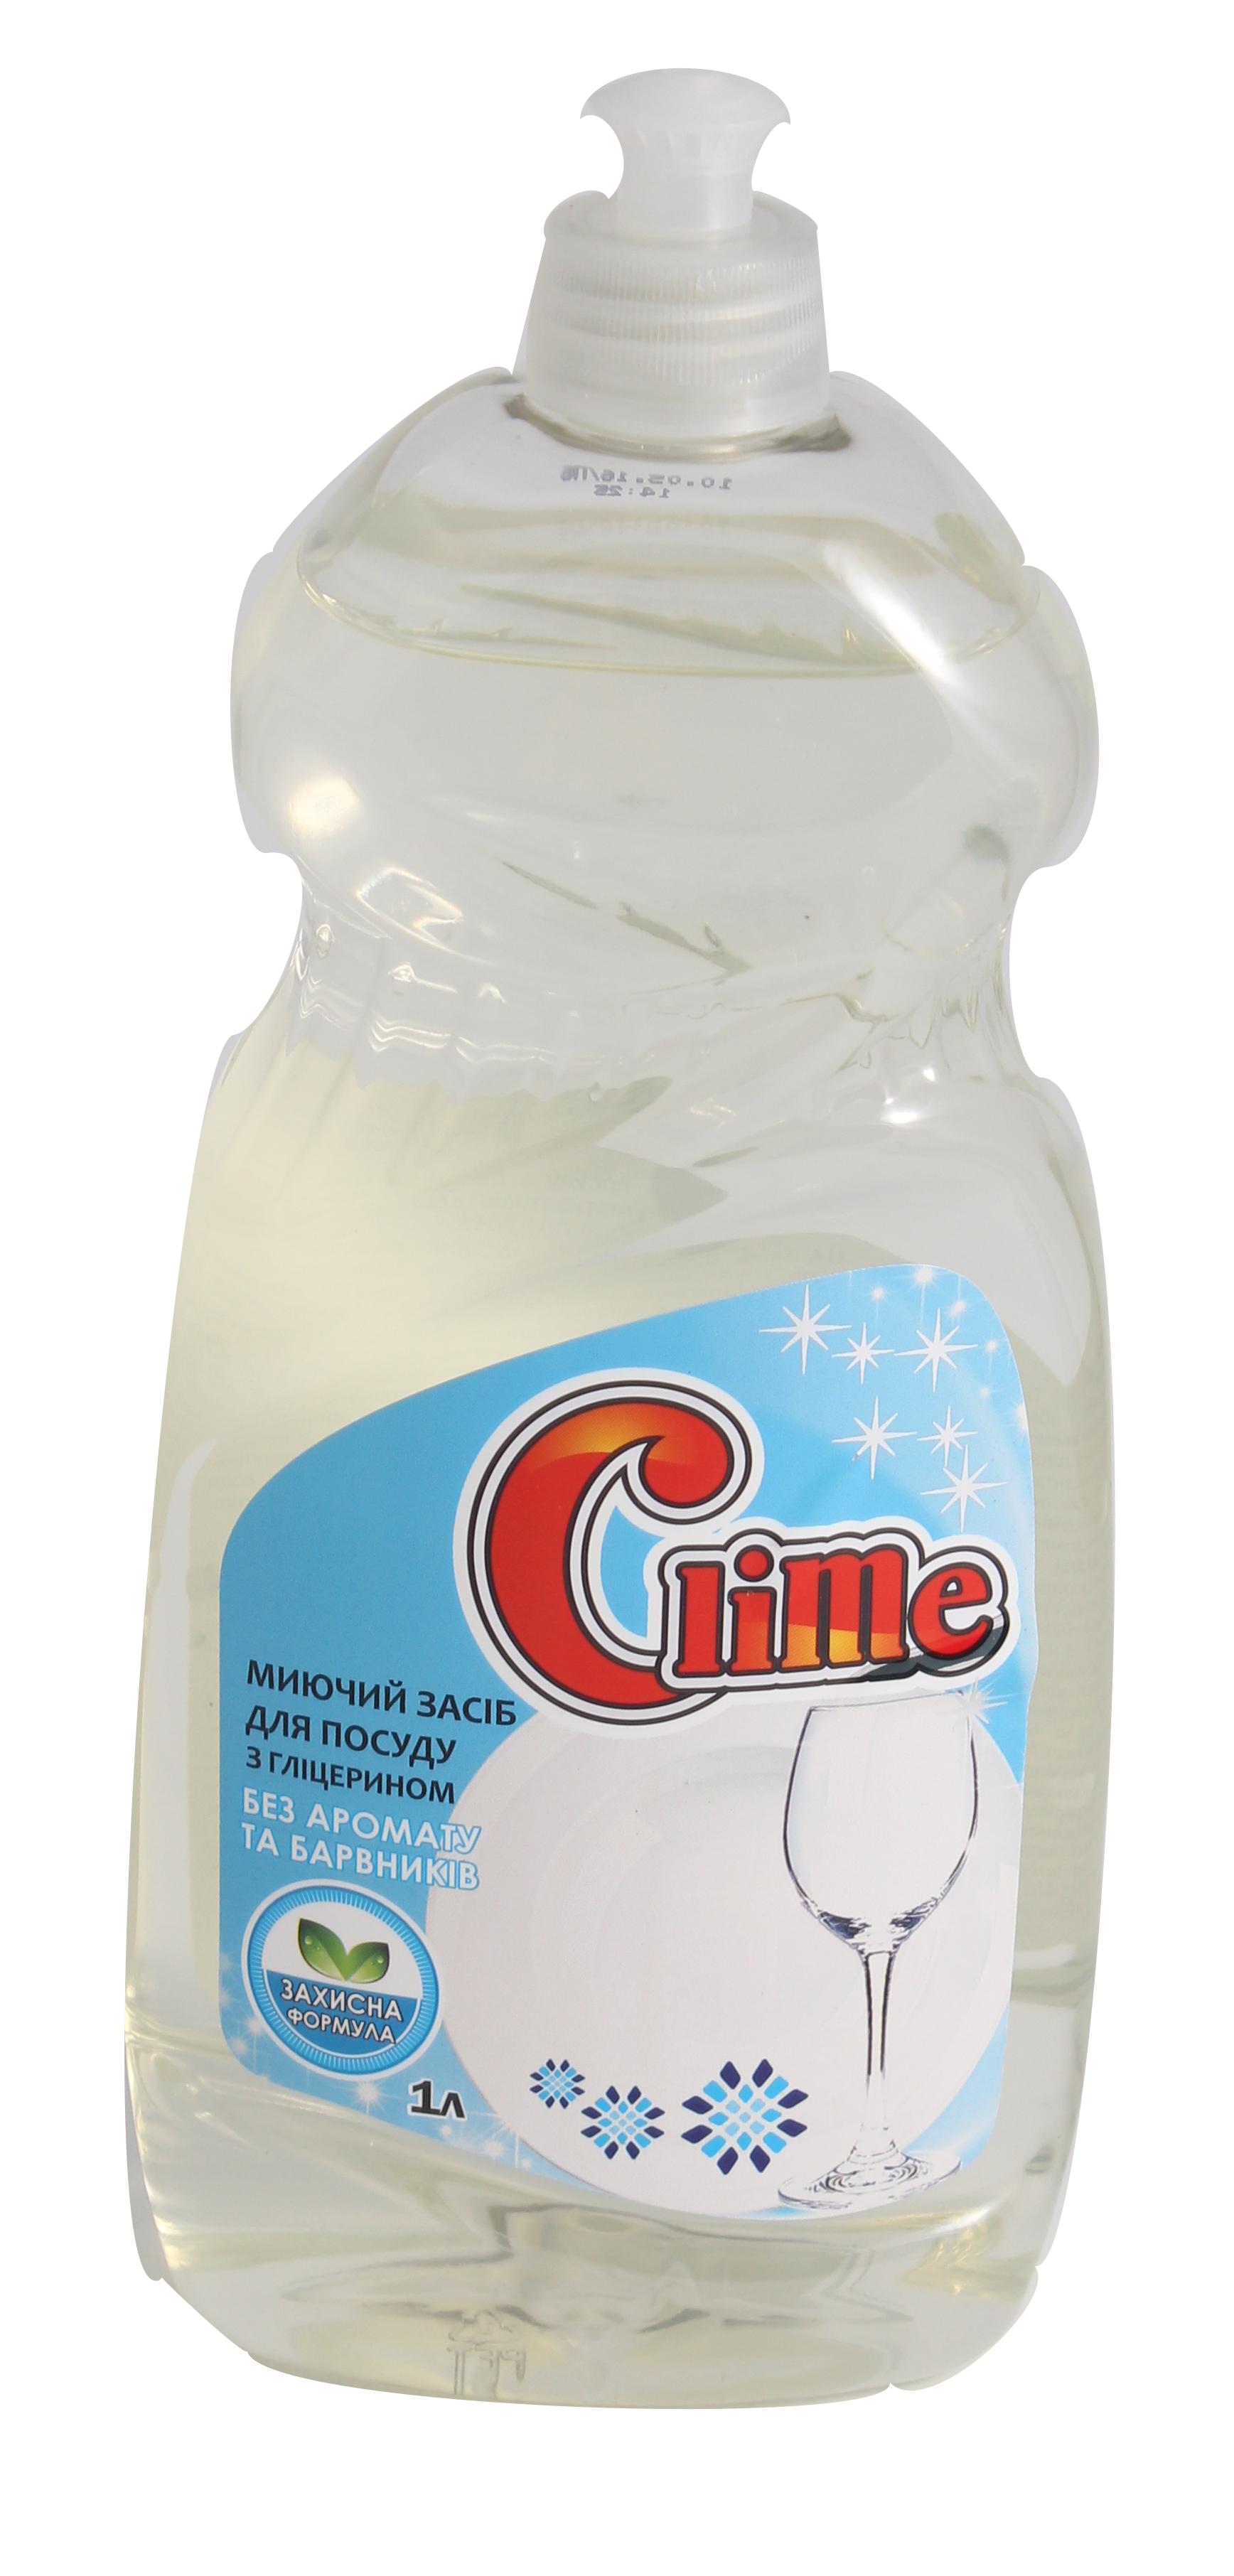 Clime Засіб миюч. для посуду 1л без аром і барв.CD1FFпуш-пул